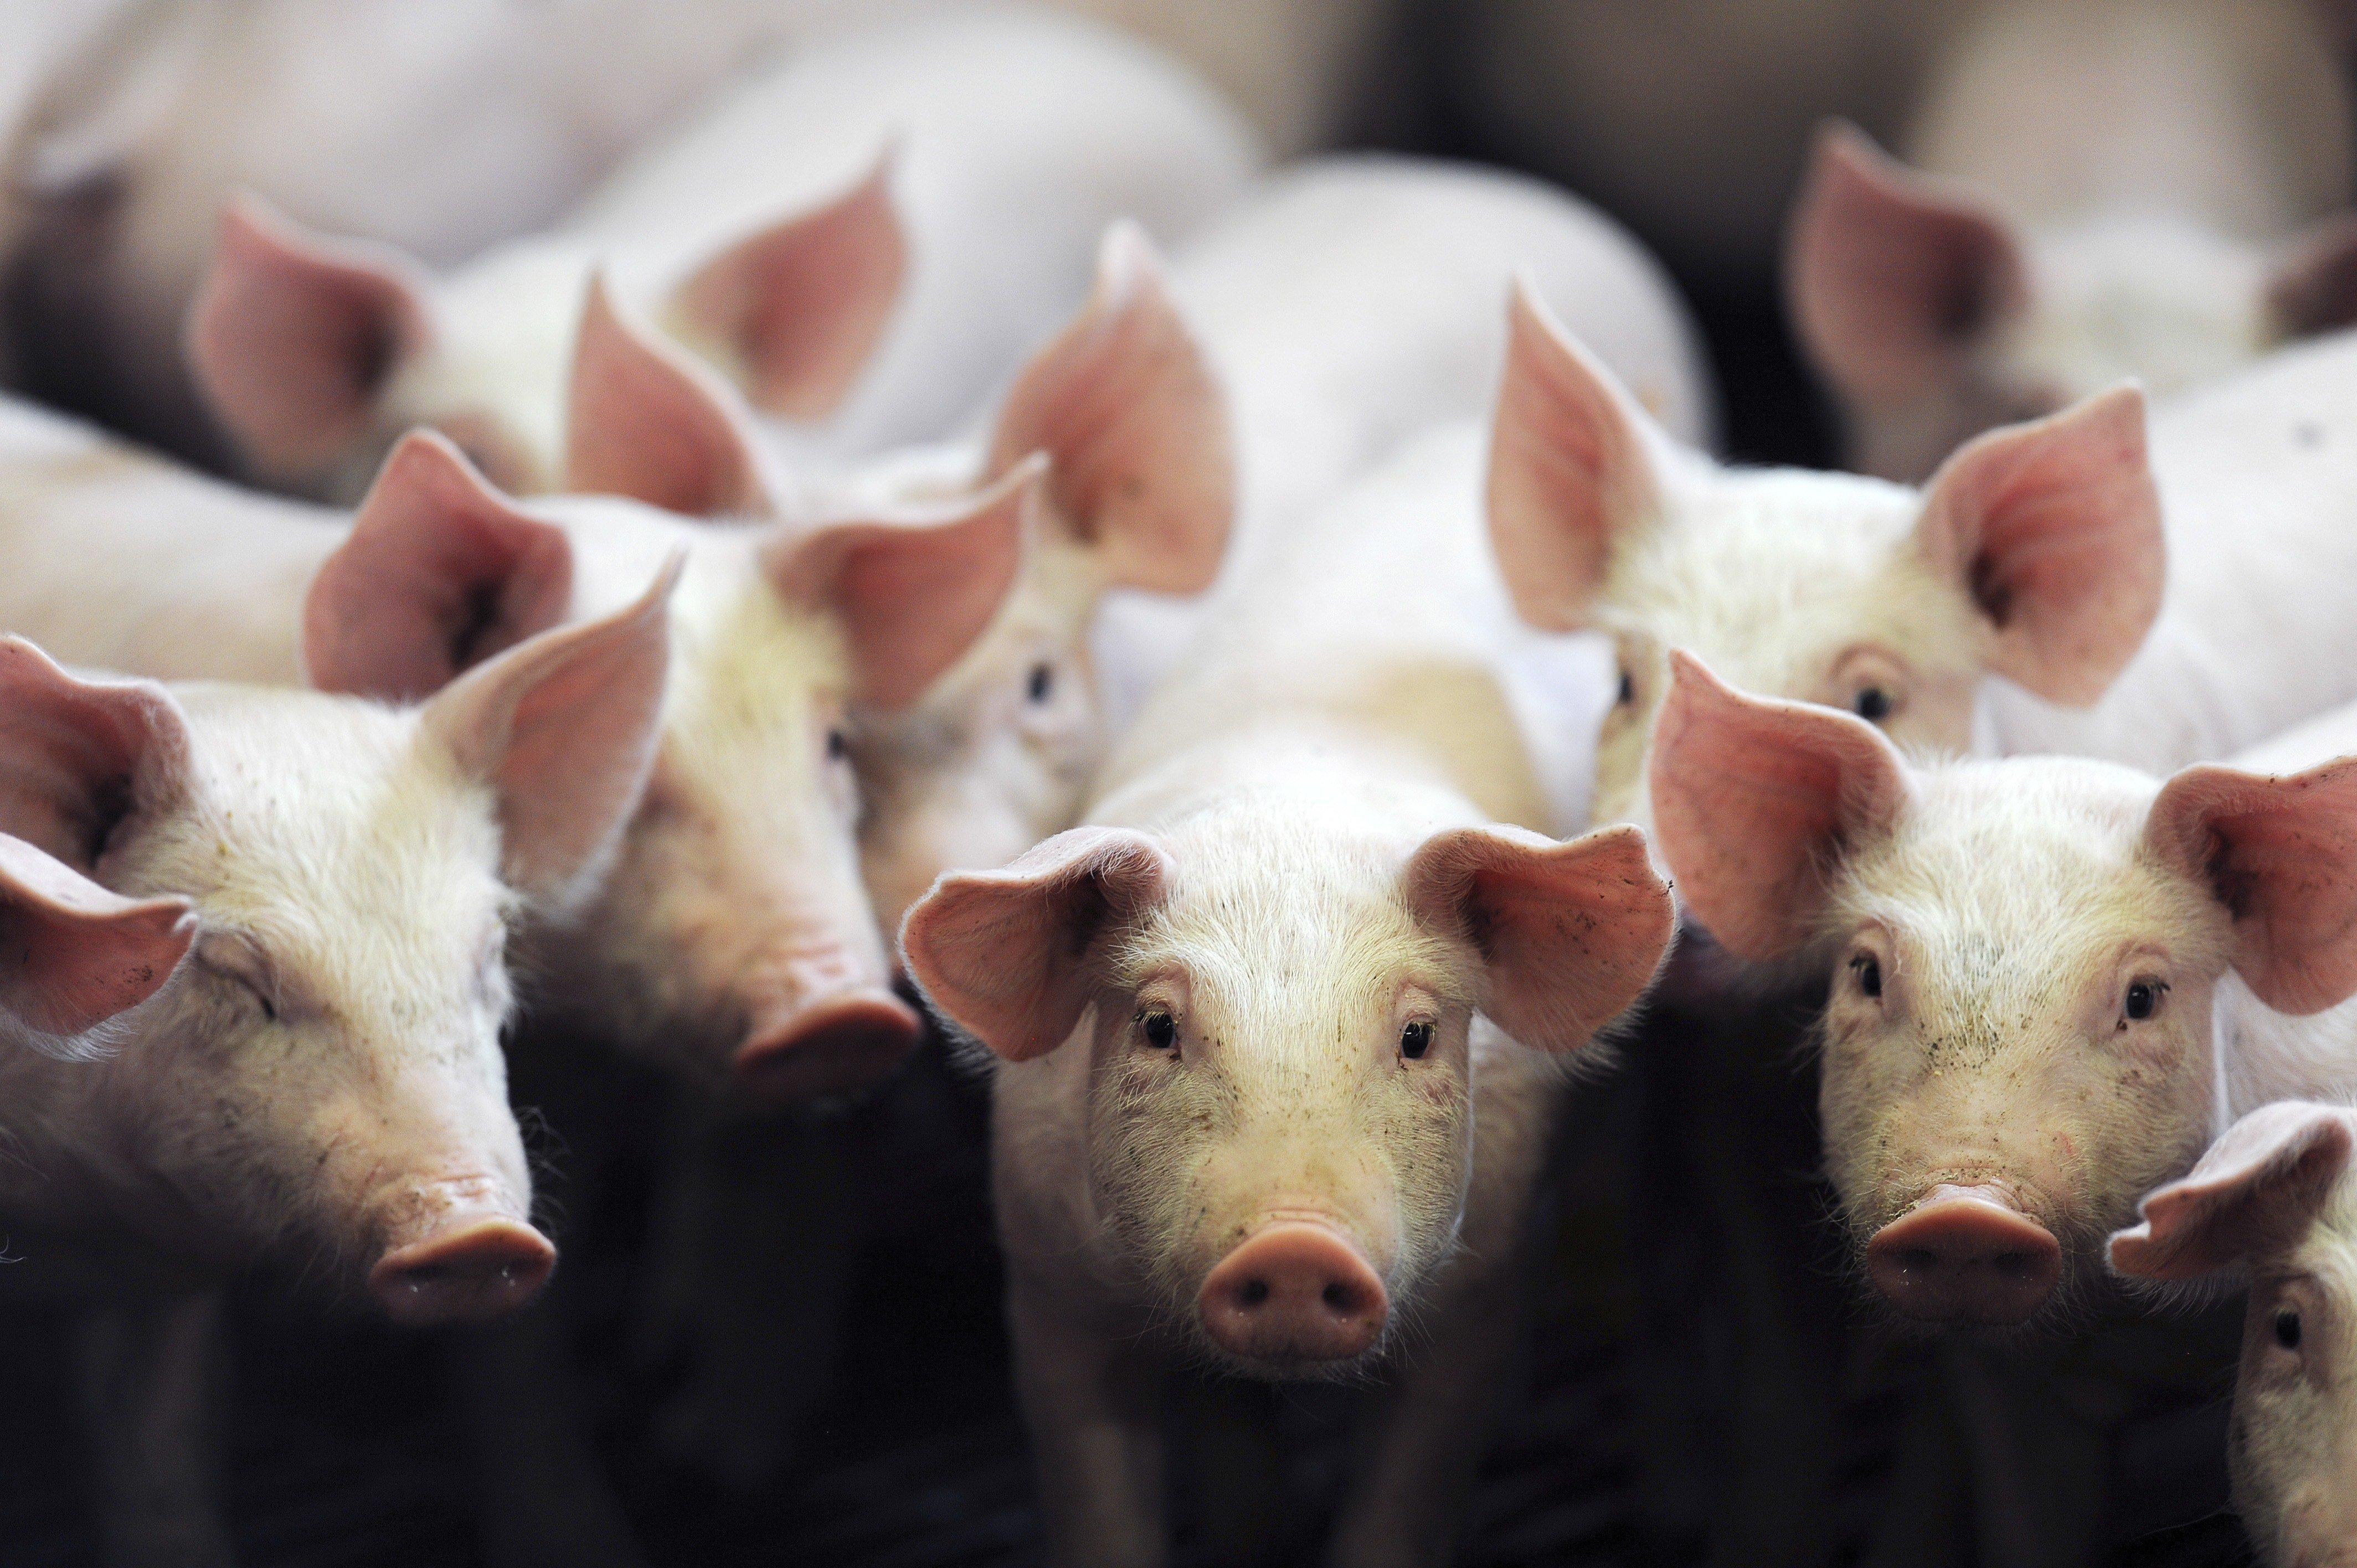 Schlachterei muss 23.000 Kilo Fleisch vernichten –weil Arbeiter ans Fließband